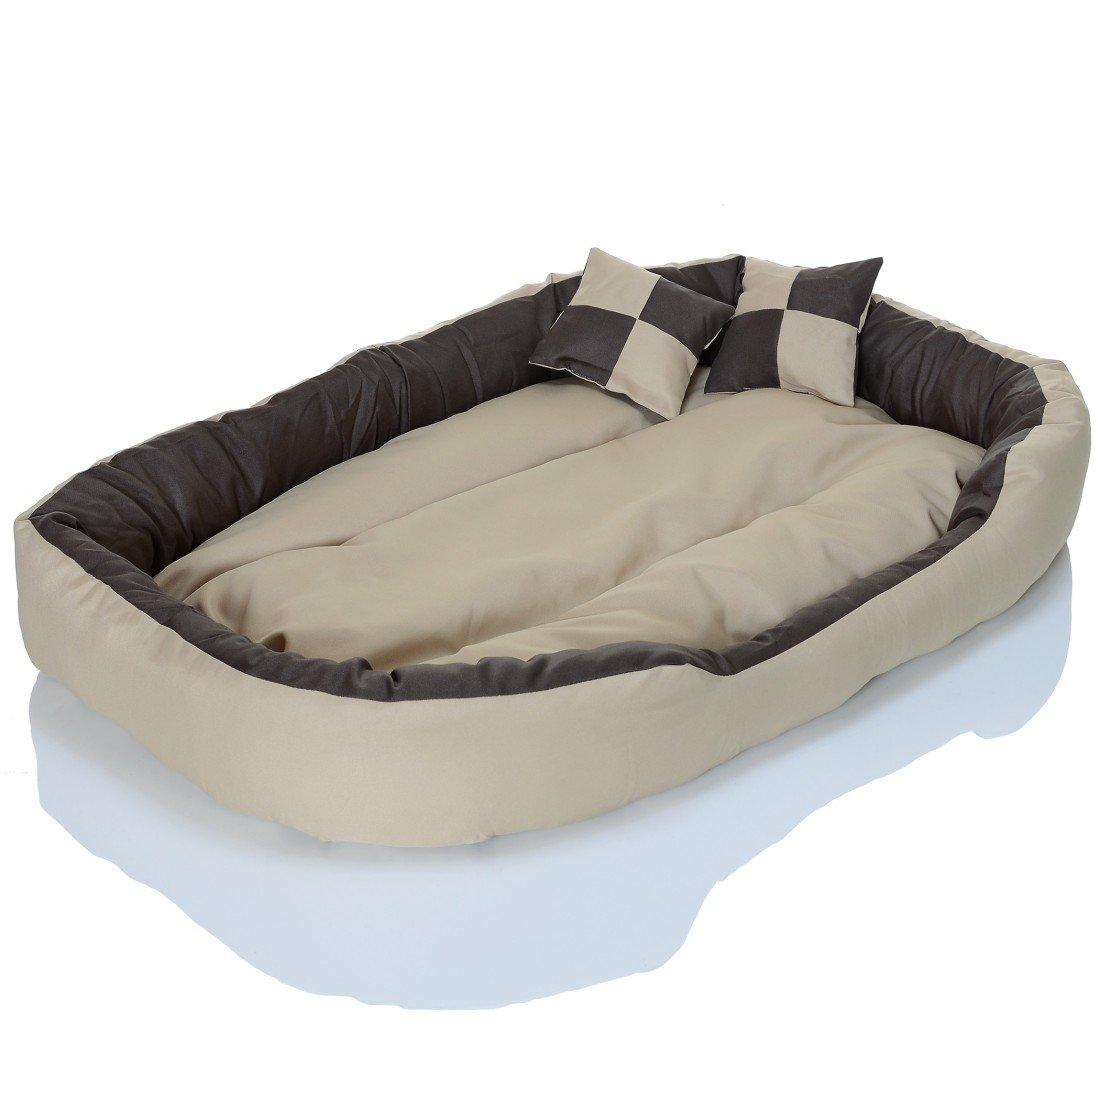 kuscheliges sofa cool die von lascondo with kuscheliges. Black Bedroom Furniture Sets. Home Design Ideas